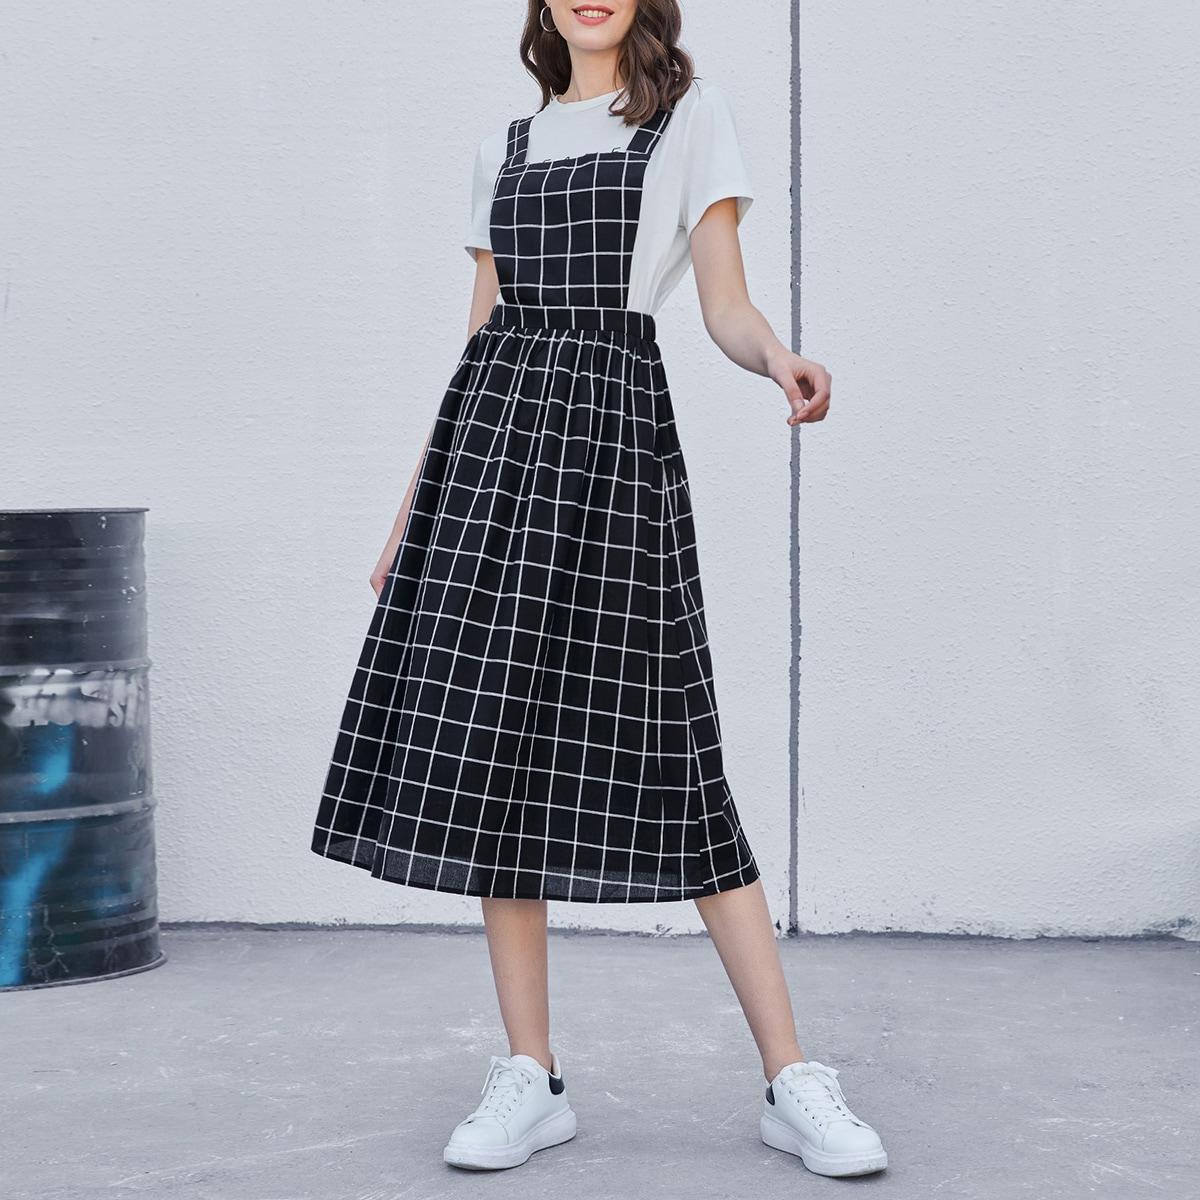 Платье-сарафан в клетку с эластичной талией